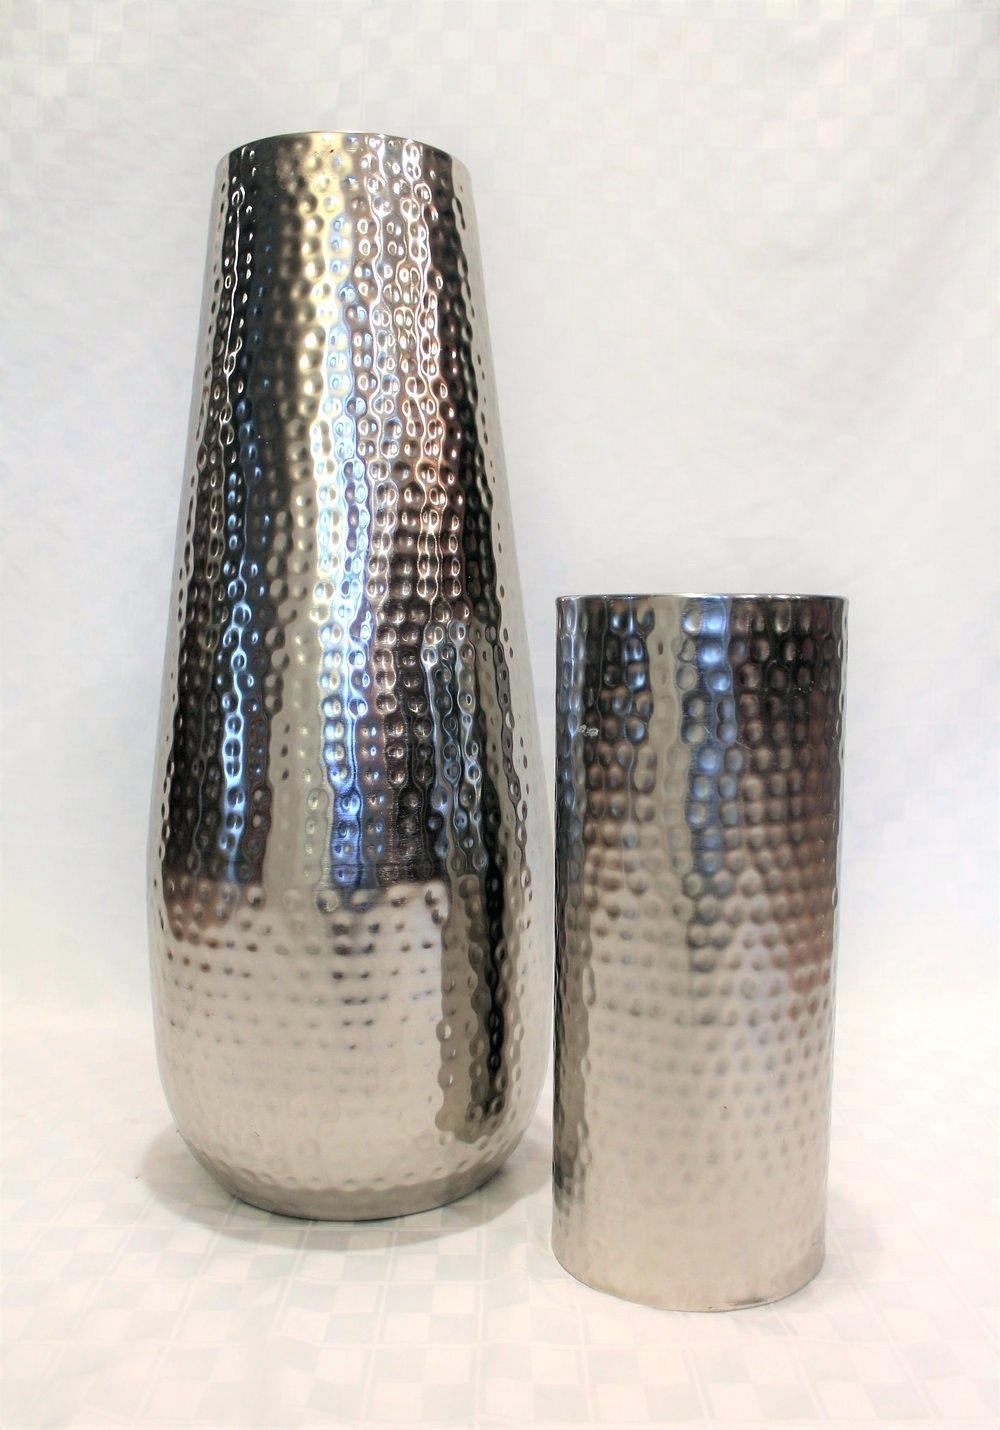 ceramic vases wholesale cheap of silver vases wholesale pandoraocharms us in silver vases wholesale glass bulk tall flower fl org